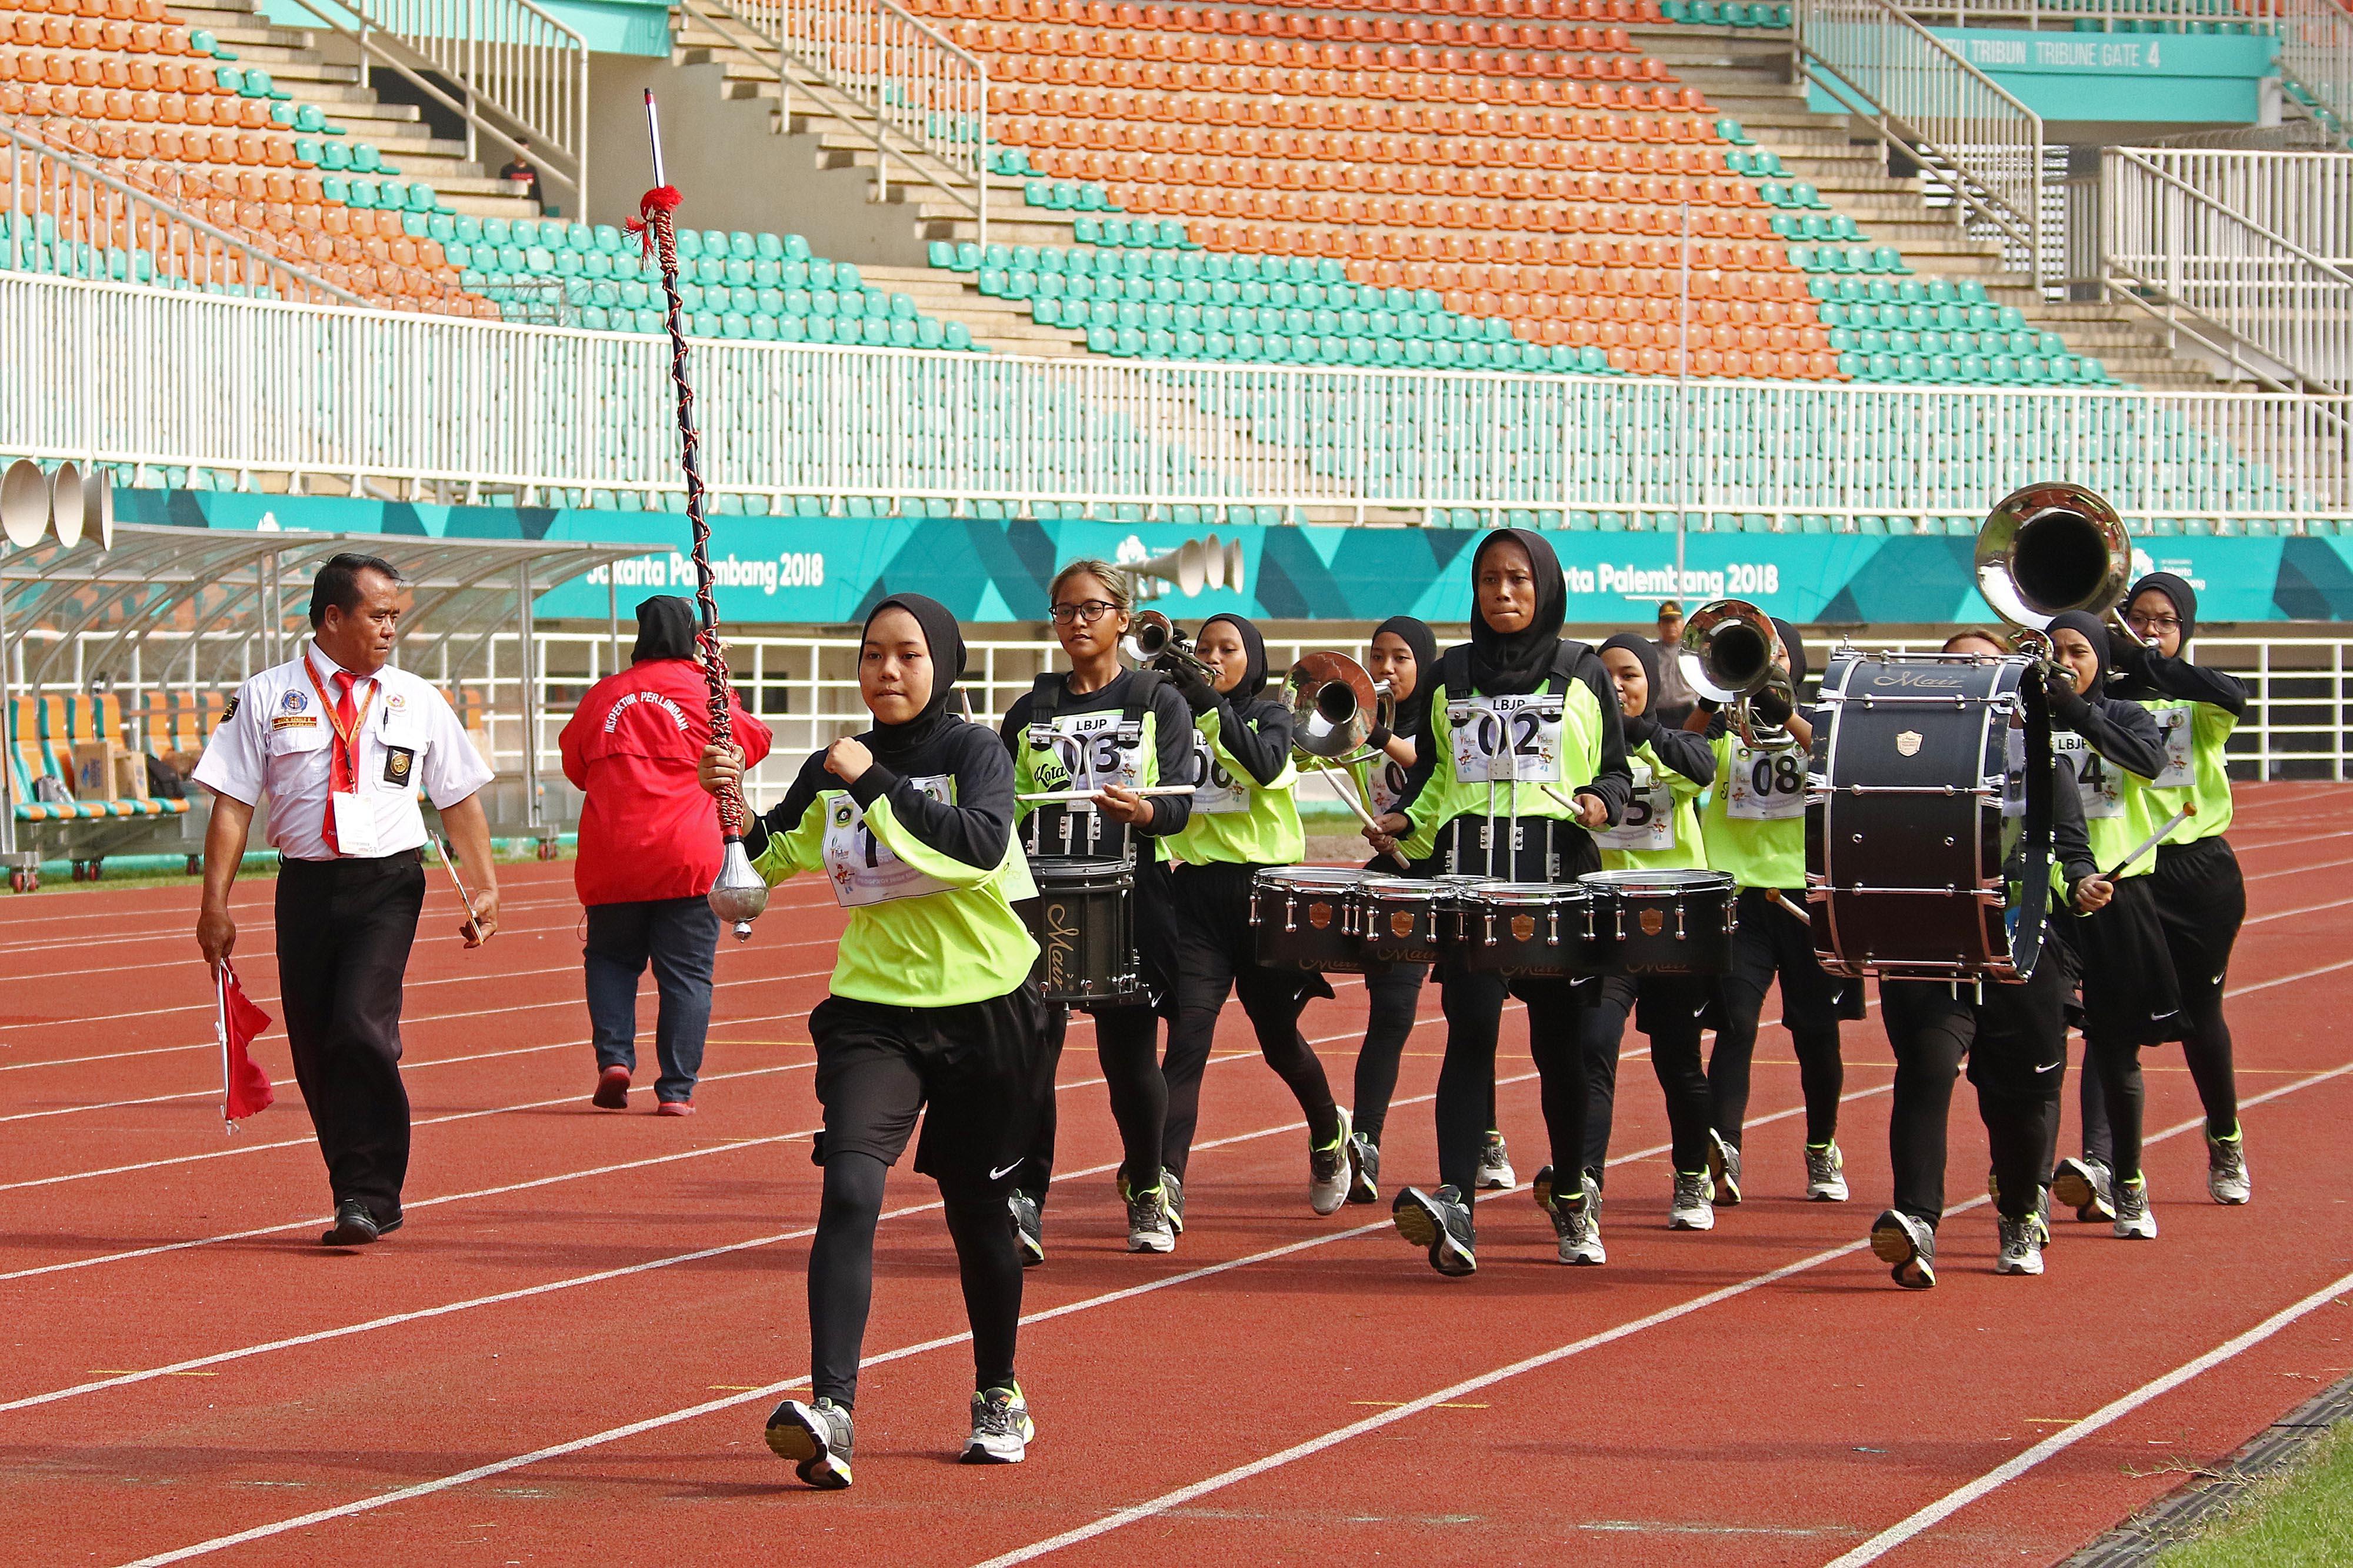 Atlet Drum Band Kota Depok beraksi pada Lomba Berbaris Jarak Pendek (LBJP) 600 m Putr PORDA JABAR XIII-2018 di Stadion Pakansari, Bogor, Rabu (3/10) pagi. KONI KOTA DEPOK/Faruqi/2018